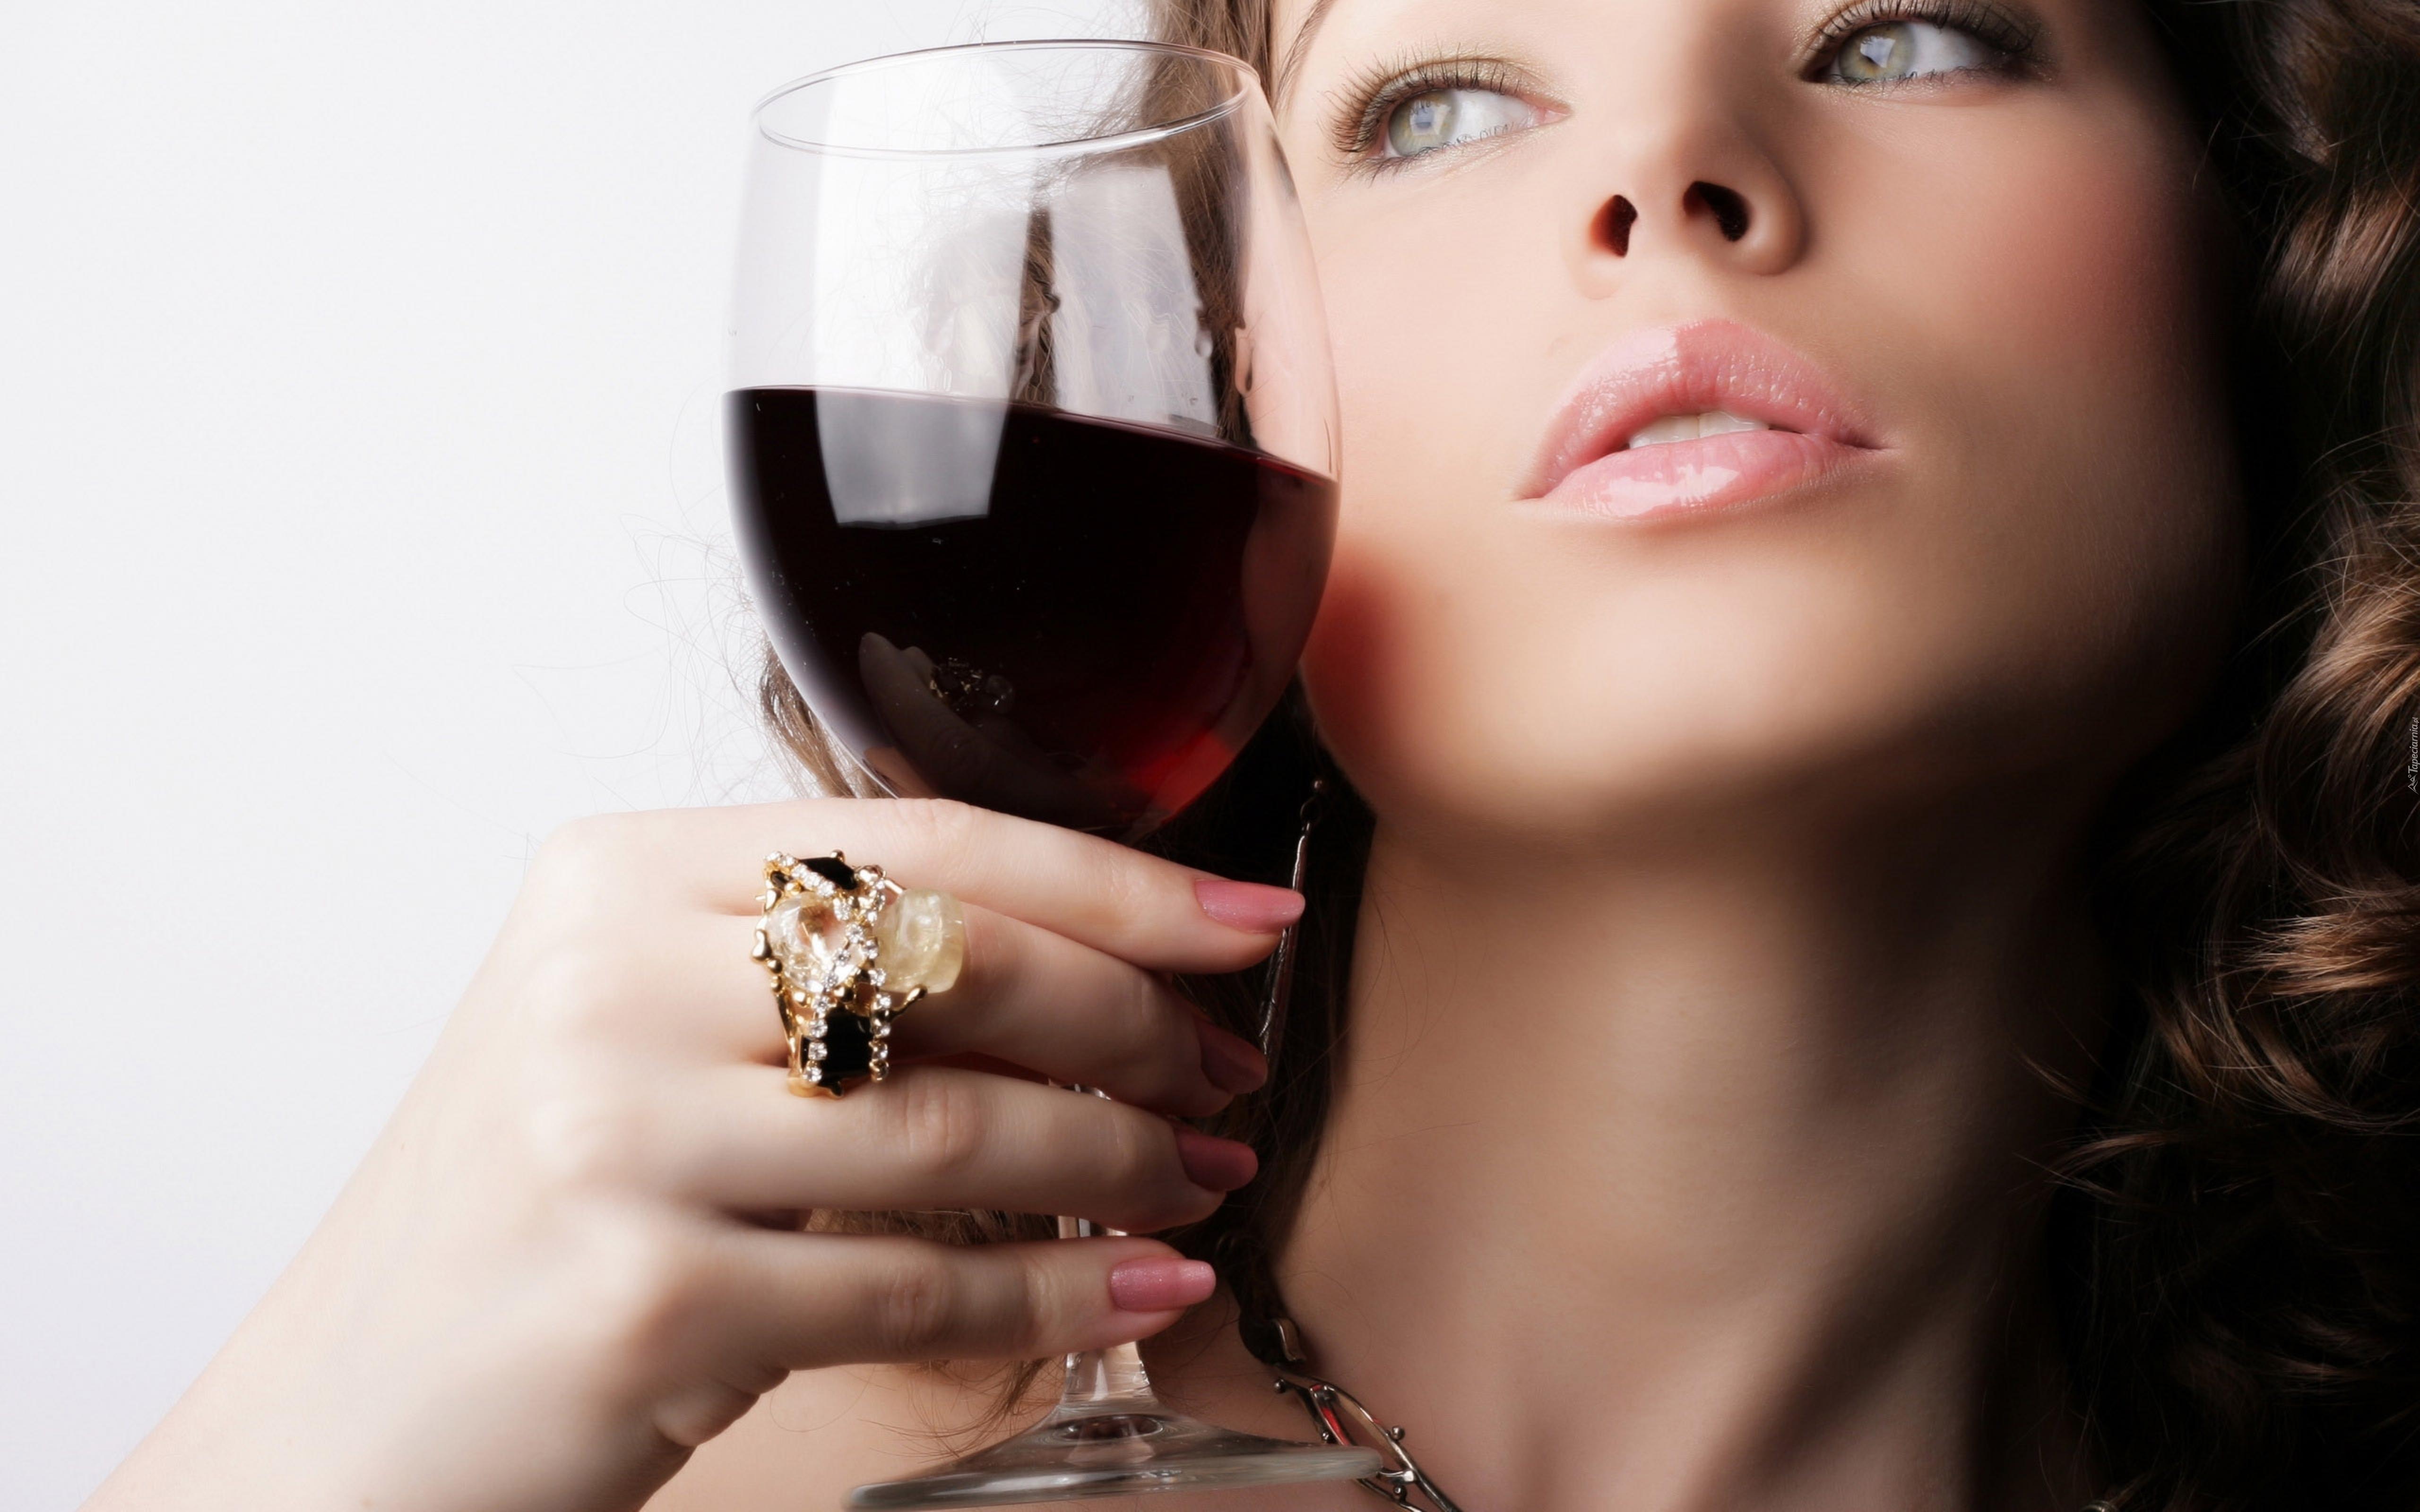 Фото как девочки пьют сперму 20 фотография